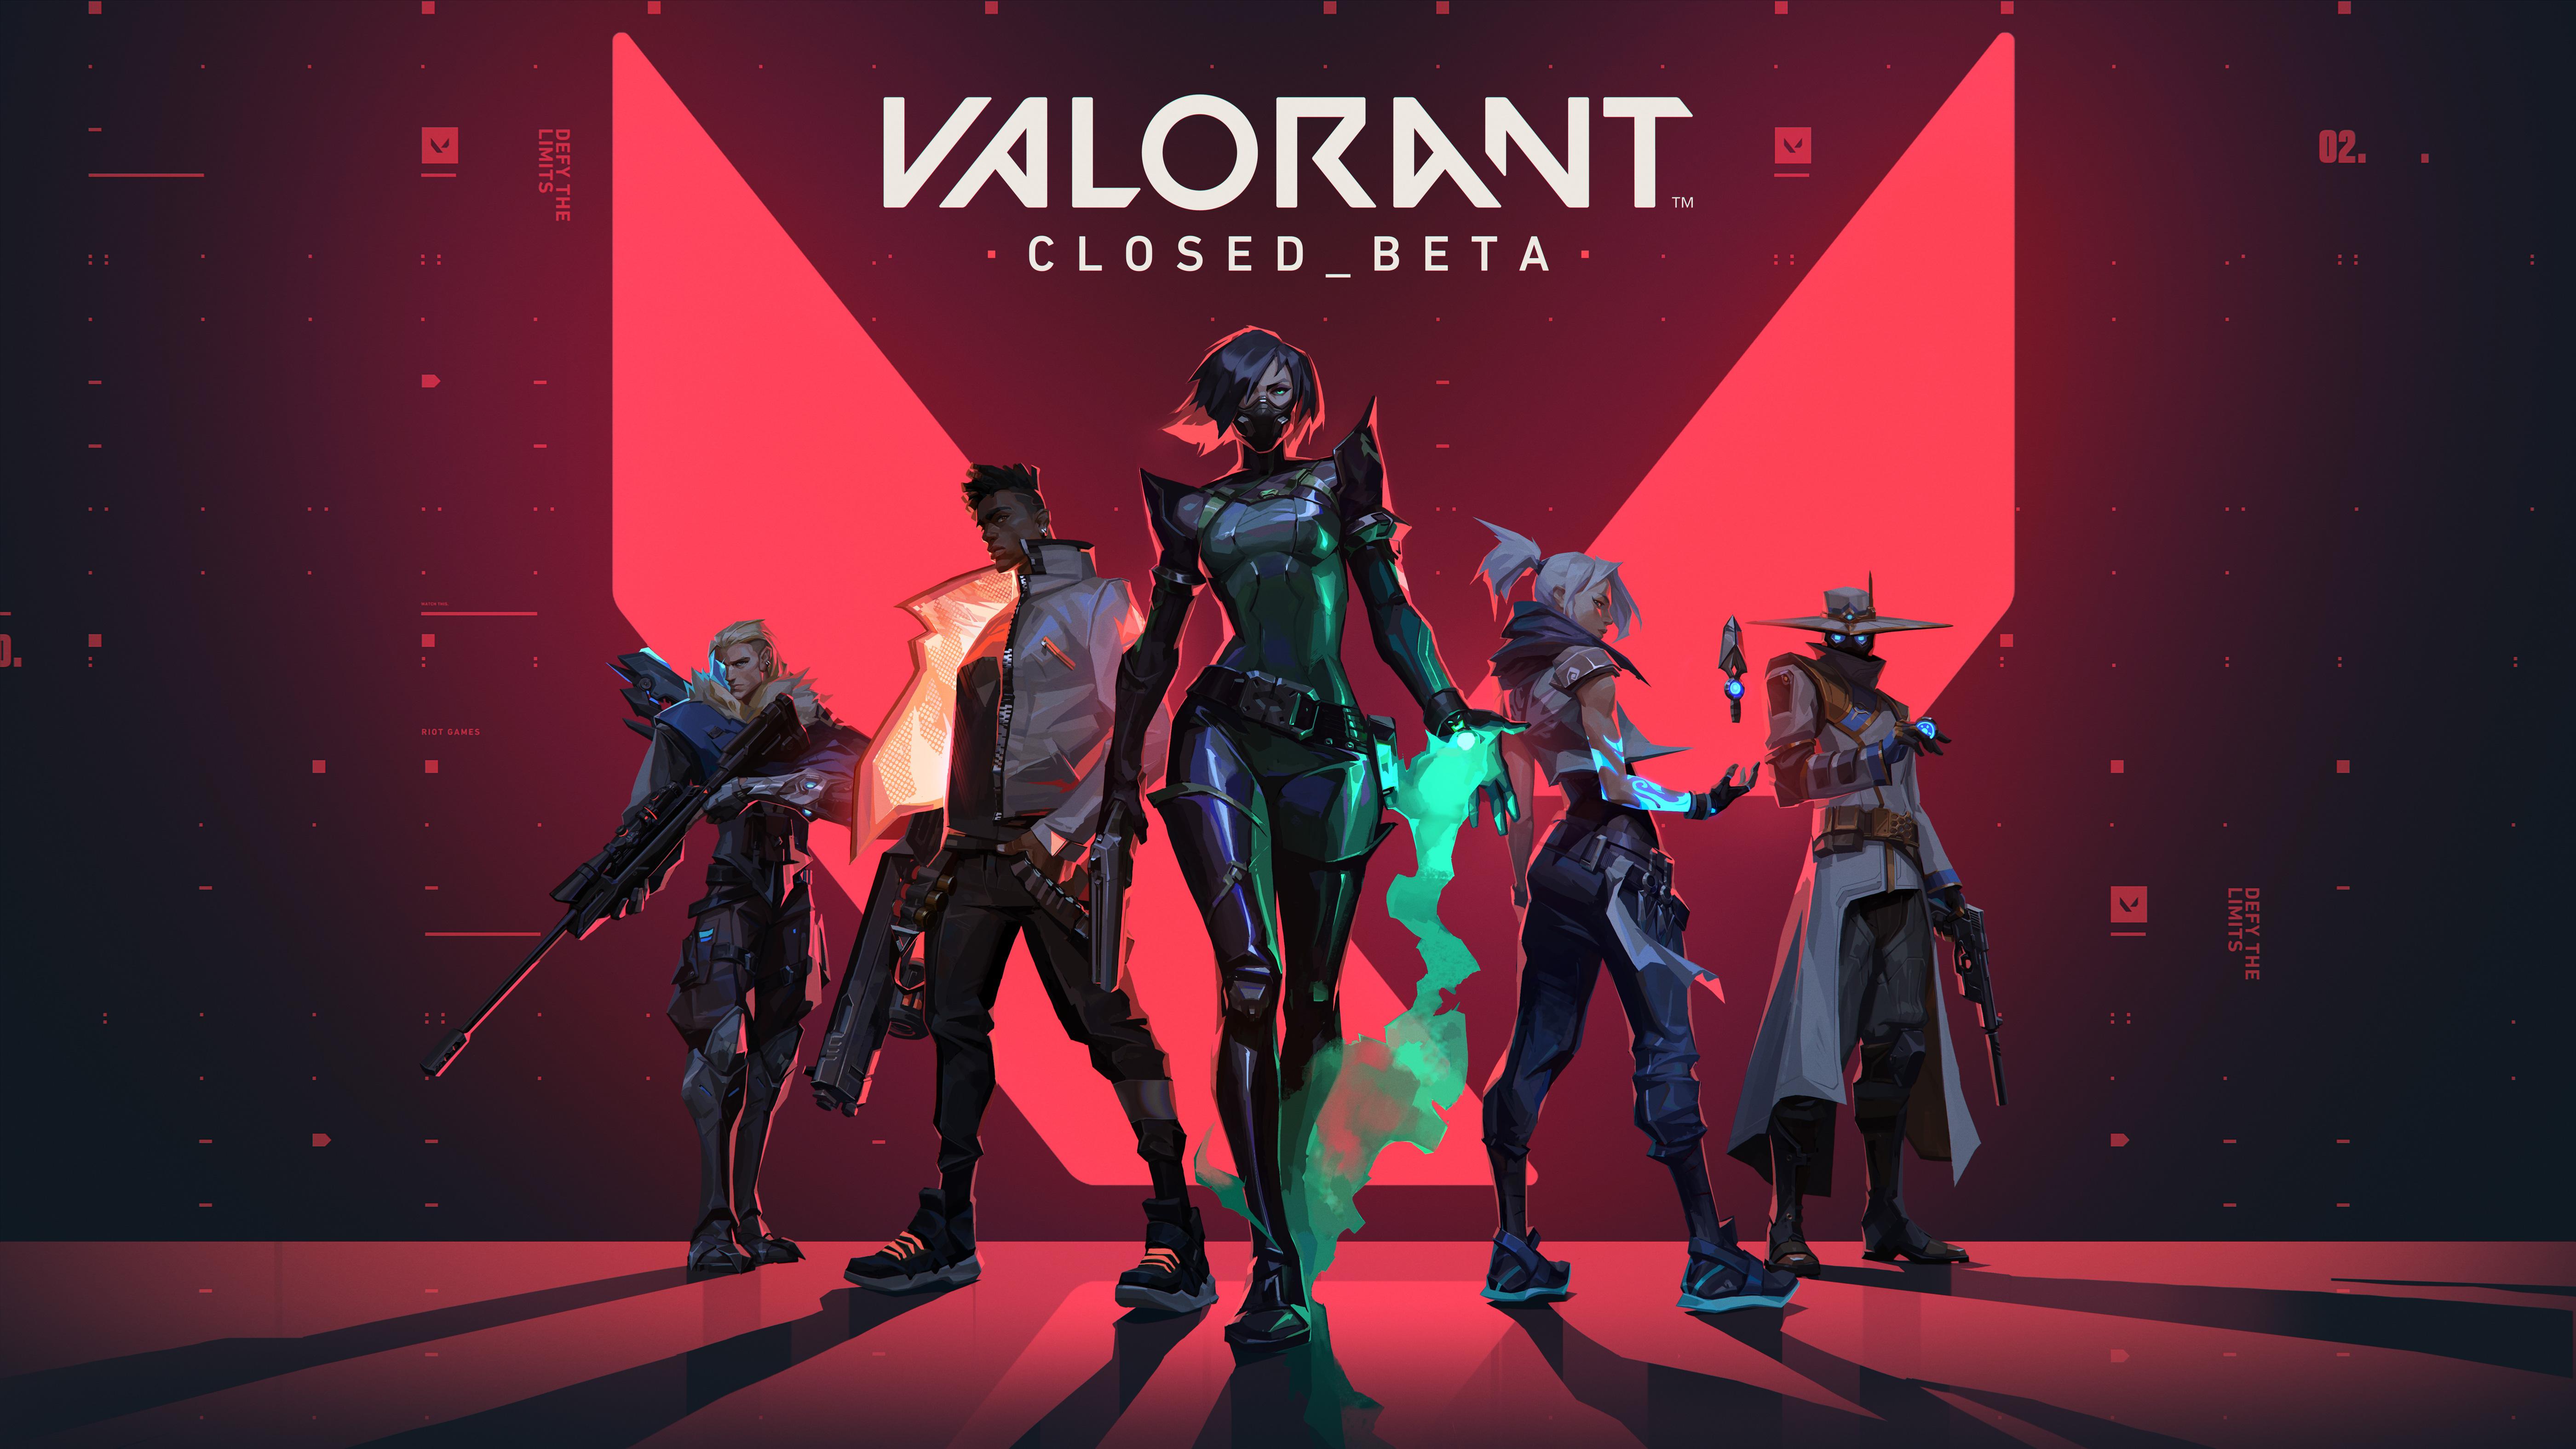 El nuevo tirador táctico de Riot, Valorant, entra en beta cerrada la próxima semana 1